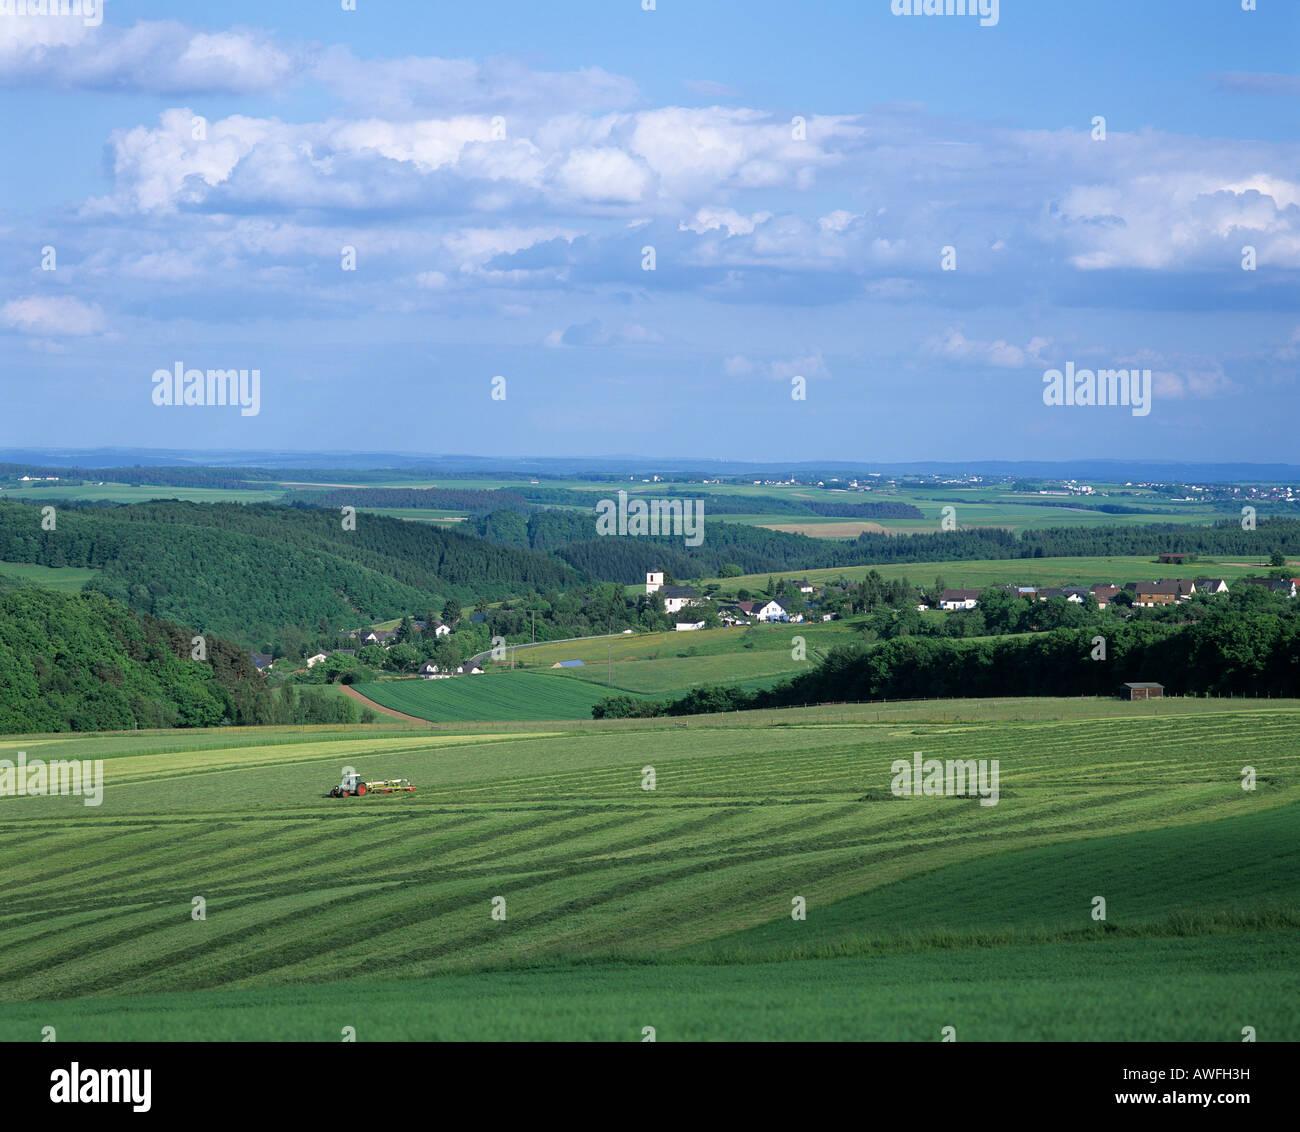 Rural landscape, Eifel region, Germany, Europe Stock Photo